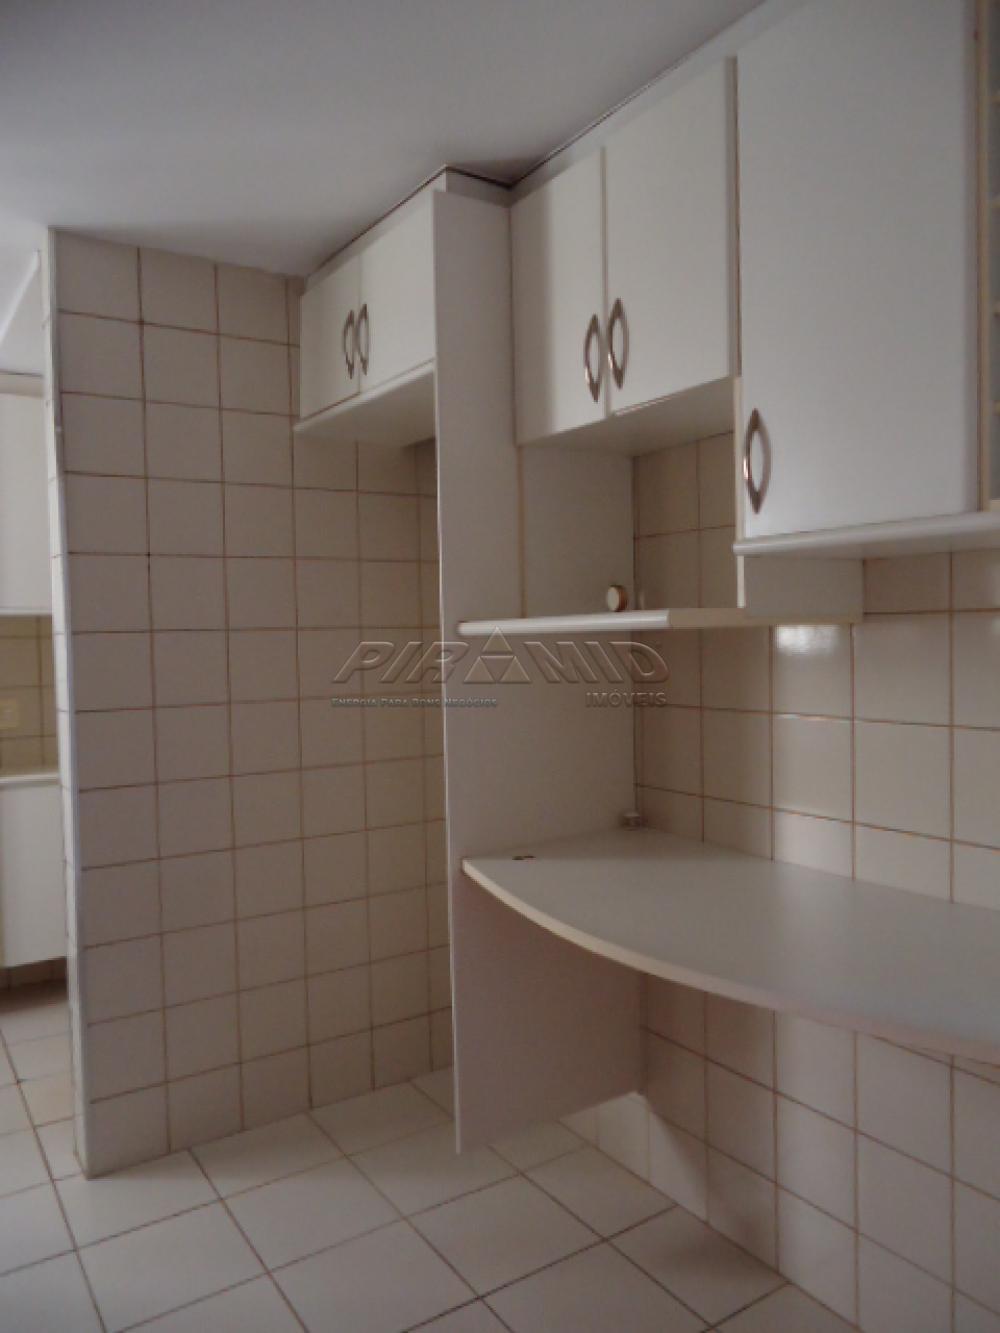 Alugar Apartamento / Padrão em Ribeirão Preto apenas R$ 1.010,00 - Foto 3